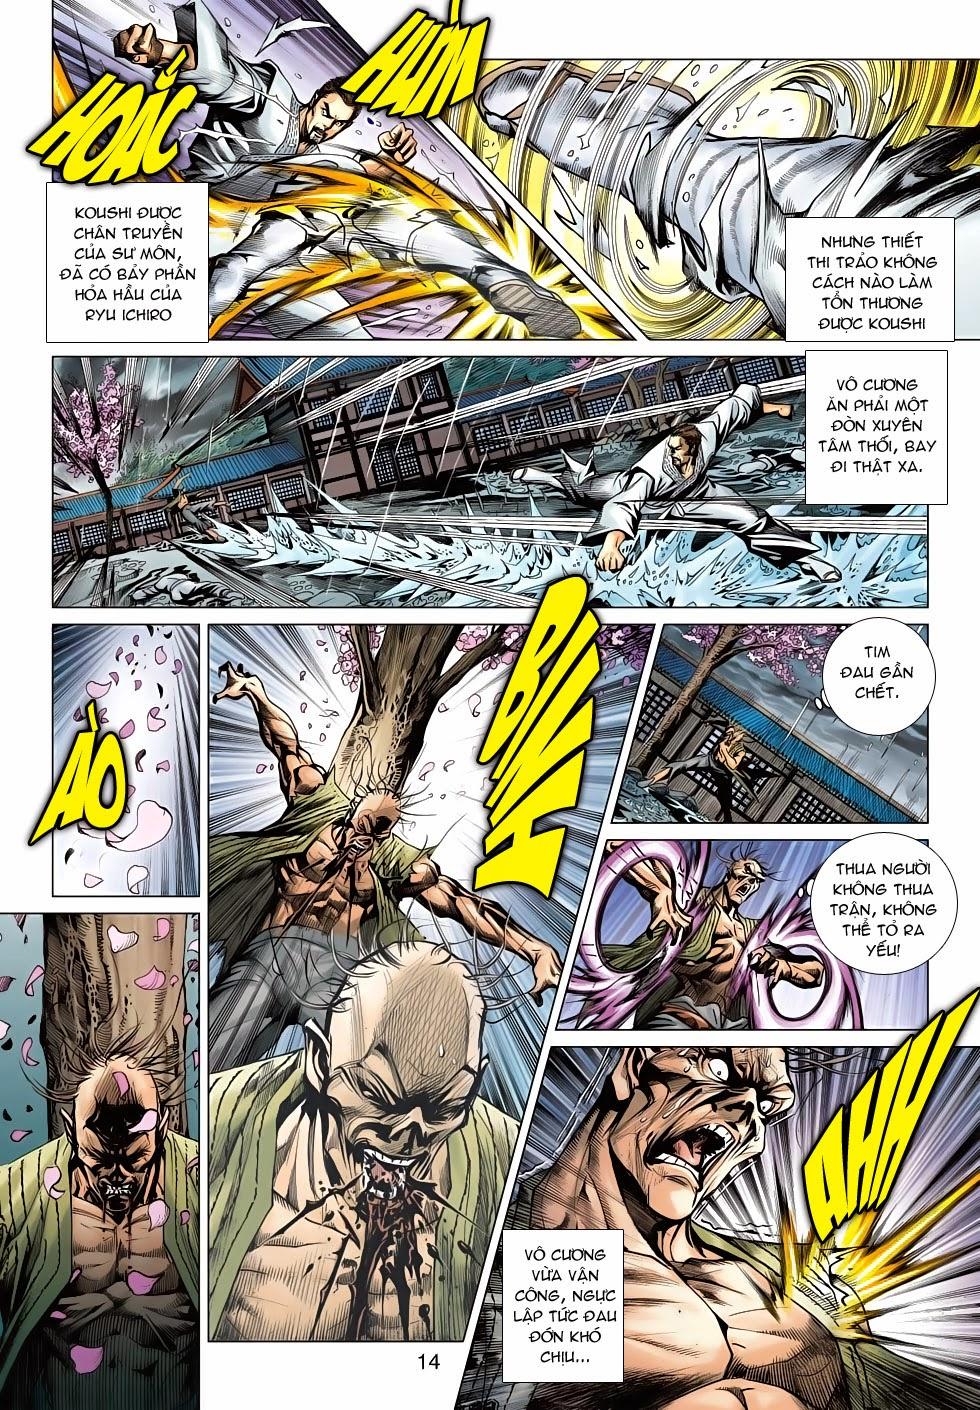 Tân Tác Long Hổ Môn chap 643 - Trang 14